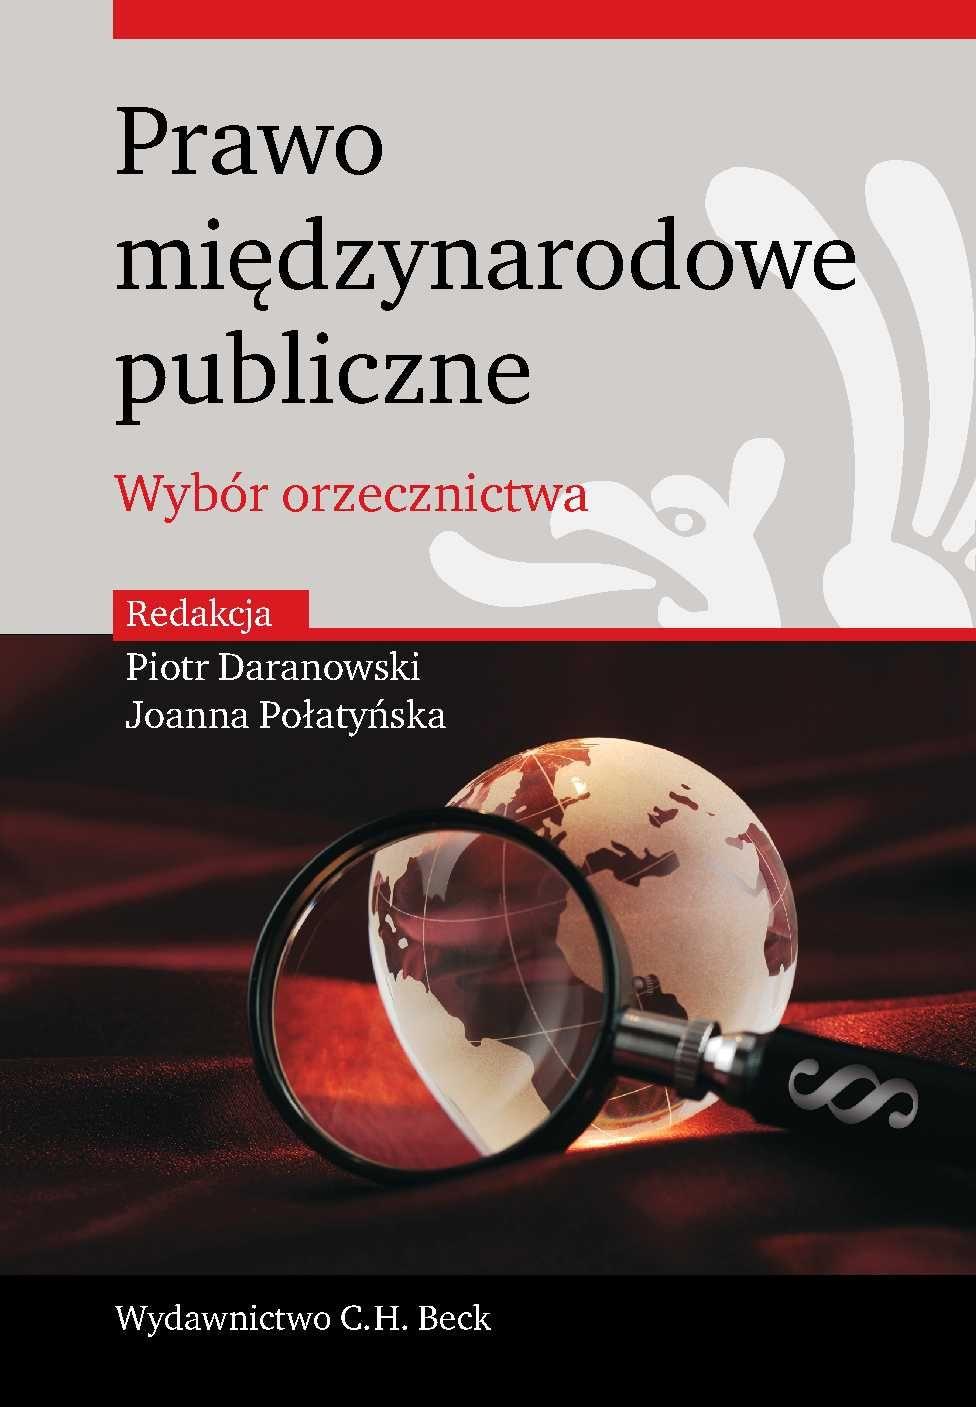 Prawo międzynarodowe publiczne. Wybór orzecznictwa - Ebook (Książka PDF) do pobrania w formacie PDF